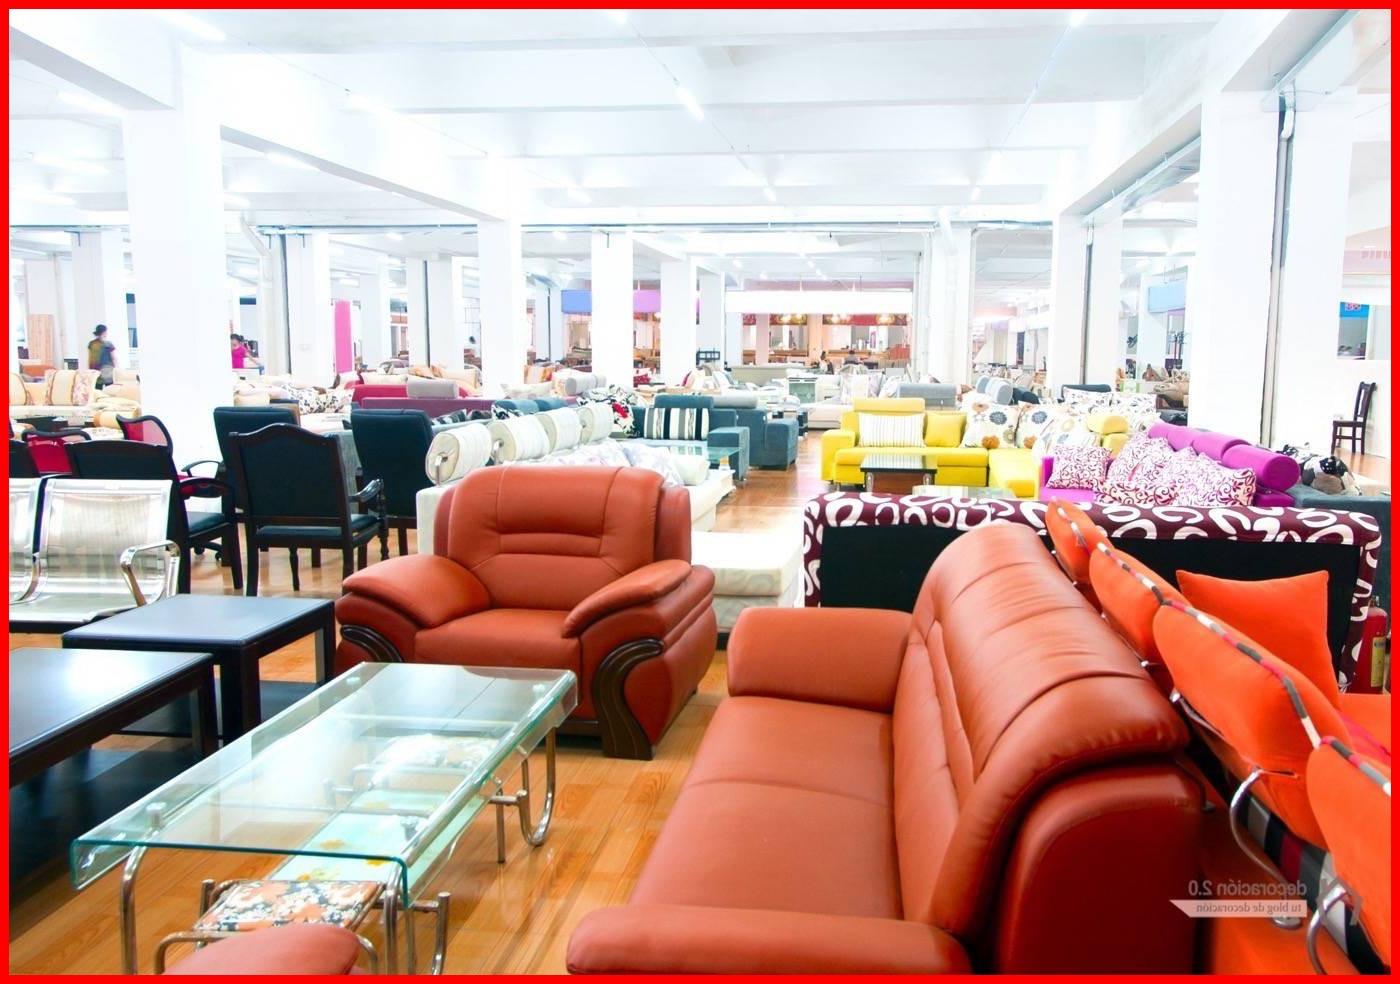 Muebles Castellon Baratos 3id6 Tiendas De Muebles Castellon Tiendables Baratos Granada